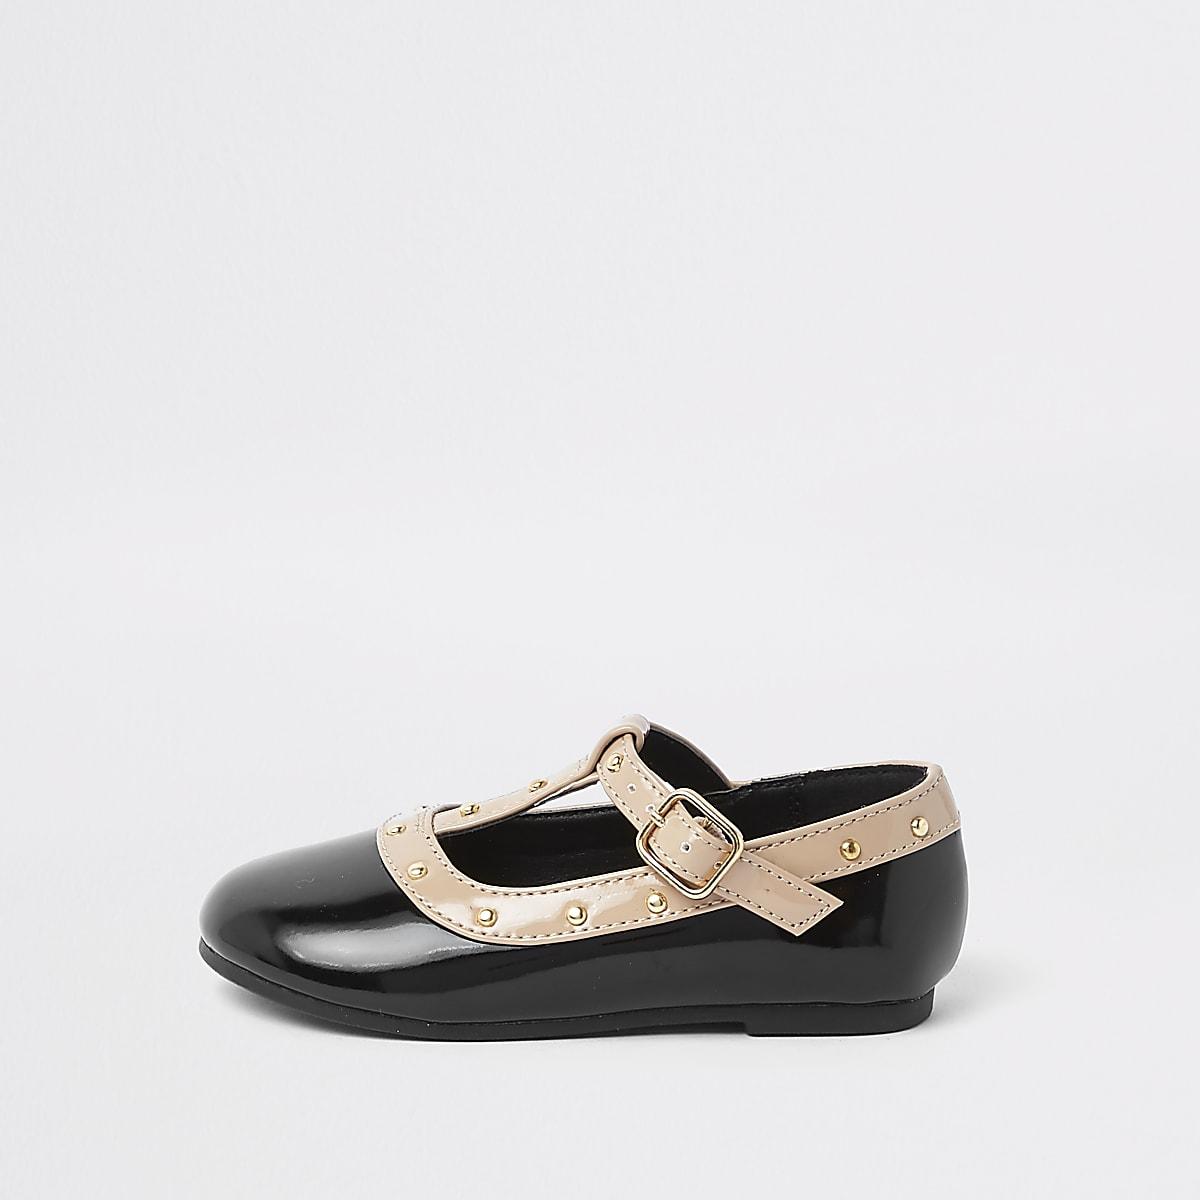 Chaussures Pour Cloutées Ballerines Bébé Noires Mini Fille yf7gI6vmYb